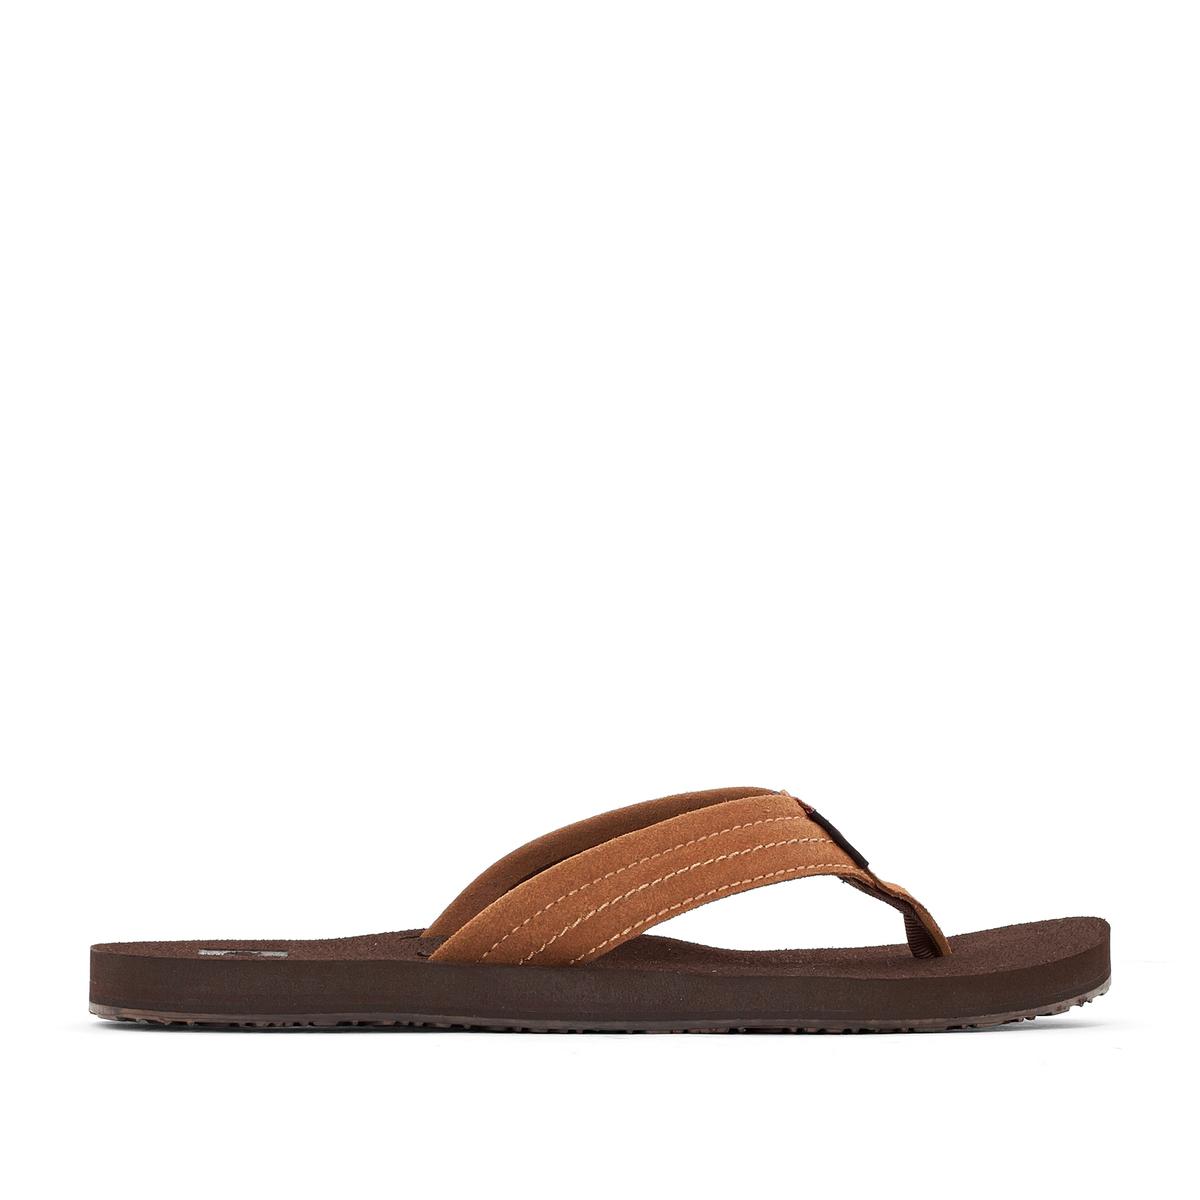 Вьетнамки SmokeyВерх/Голенище : кожа   Стелька : кожа   Подошва : каучук   Форма каблука : плоский каблук   Мысок : открытый мысок   Застежка : без застежки<br><br>Цвет: каштановый